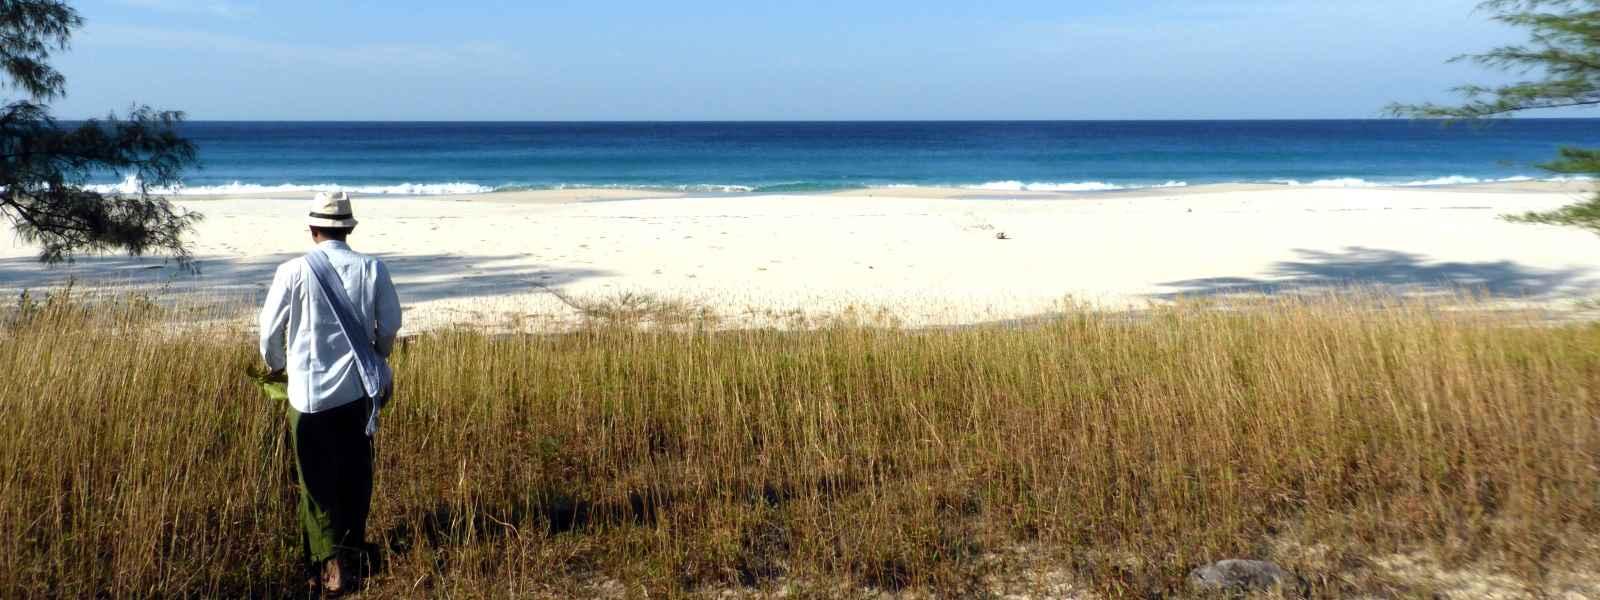 Beach-Sinhtauk.Dawei-White